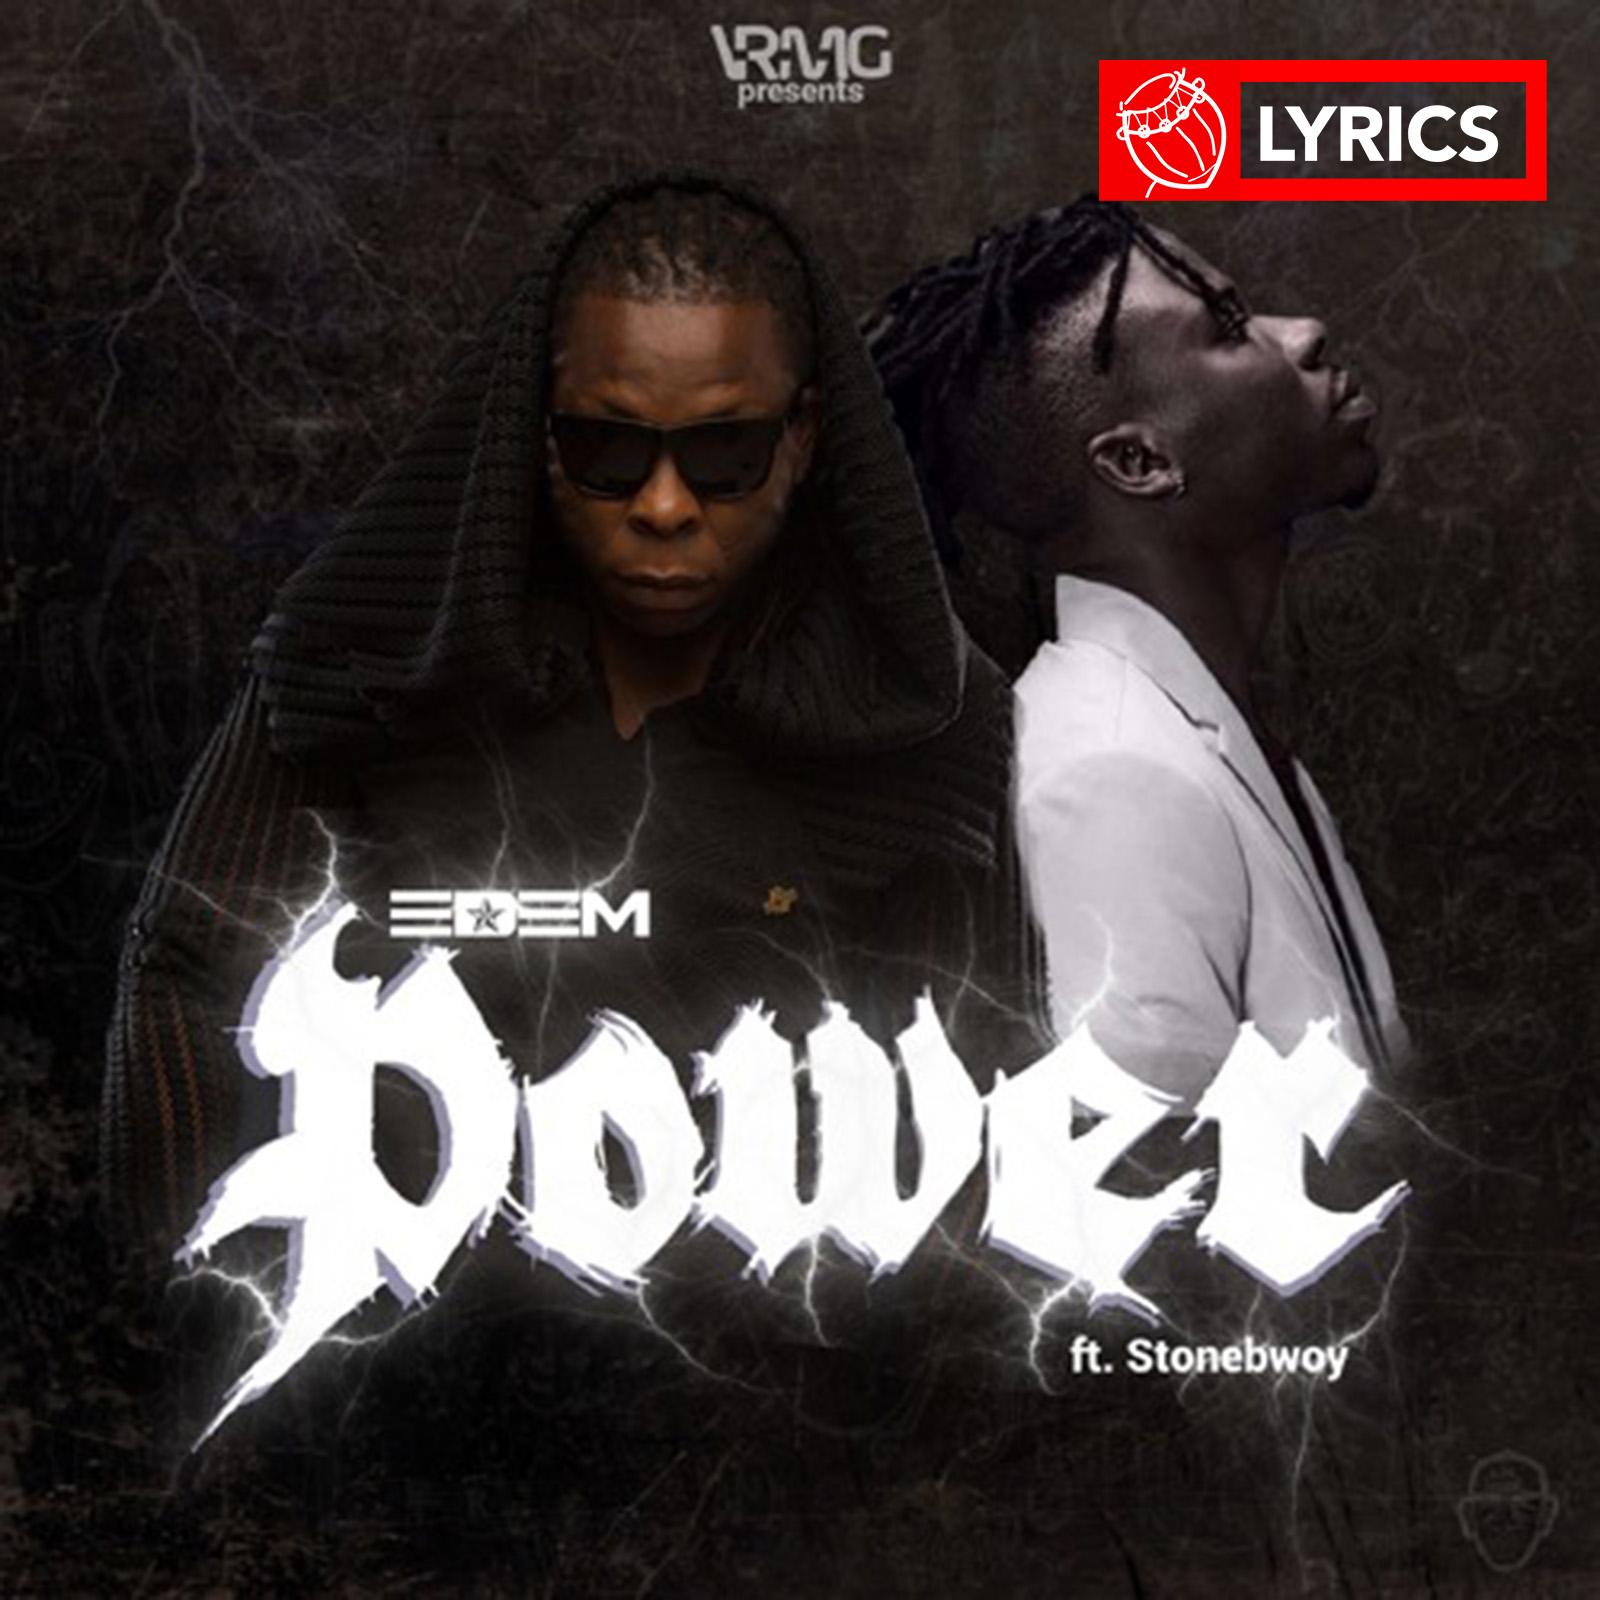 Lyrics: Power by Edem feat. Stonebwoy